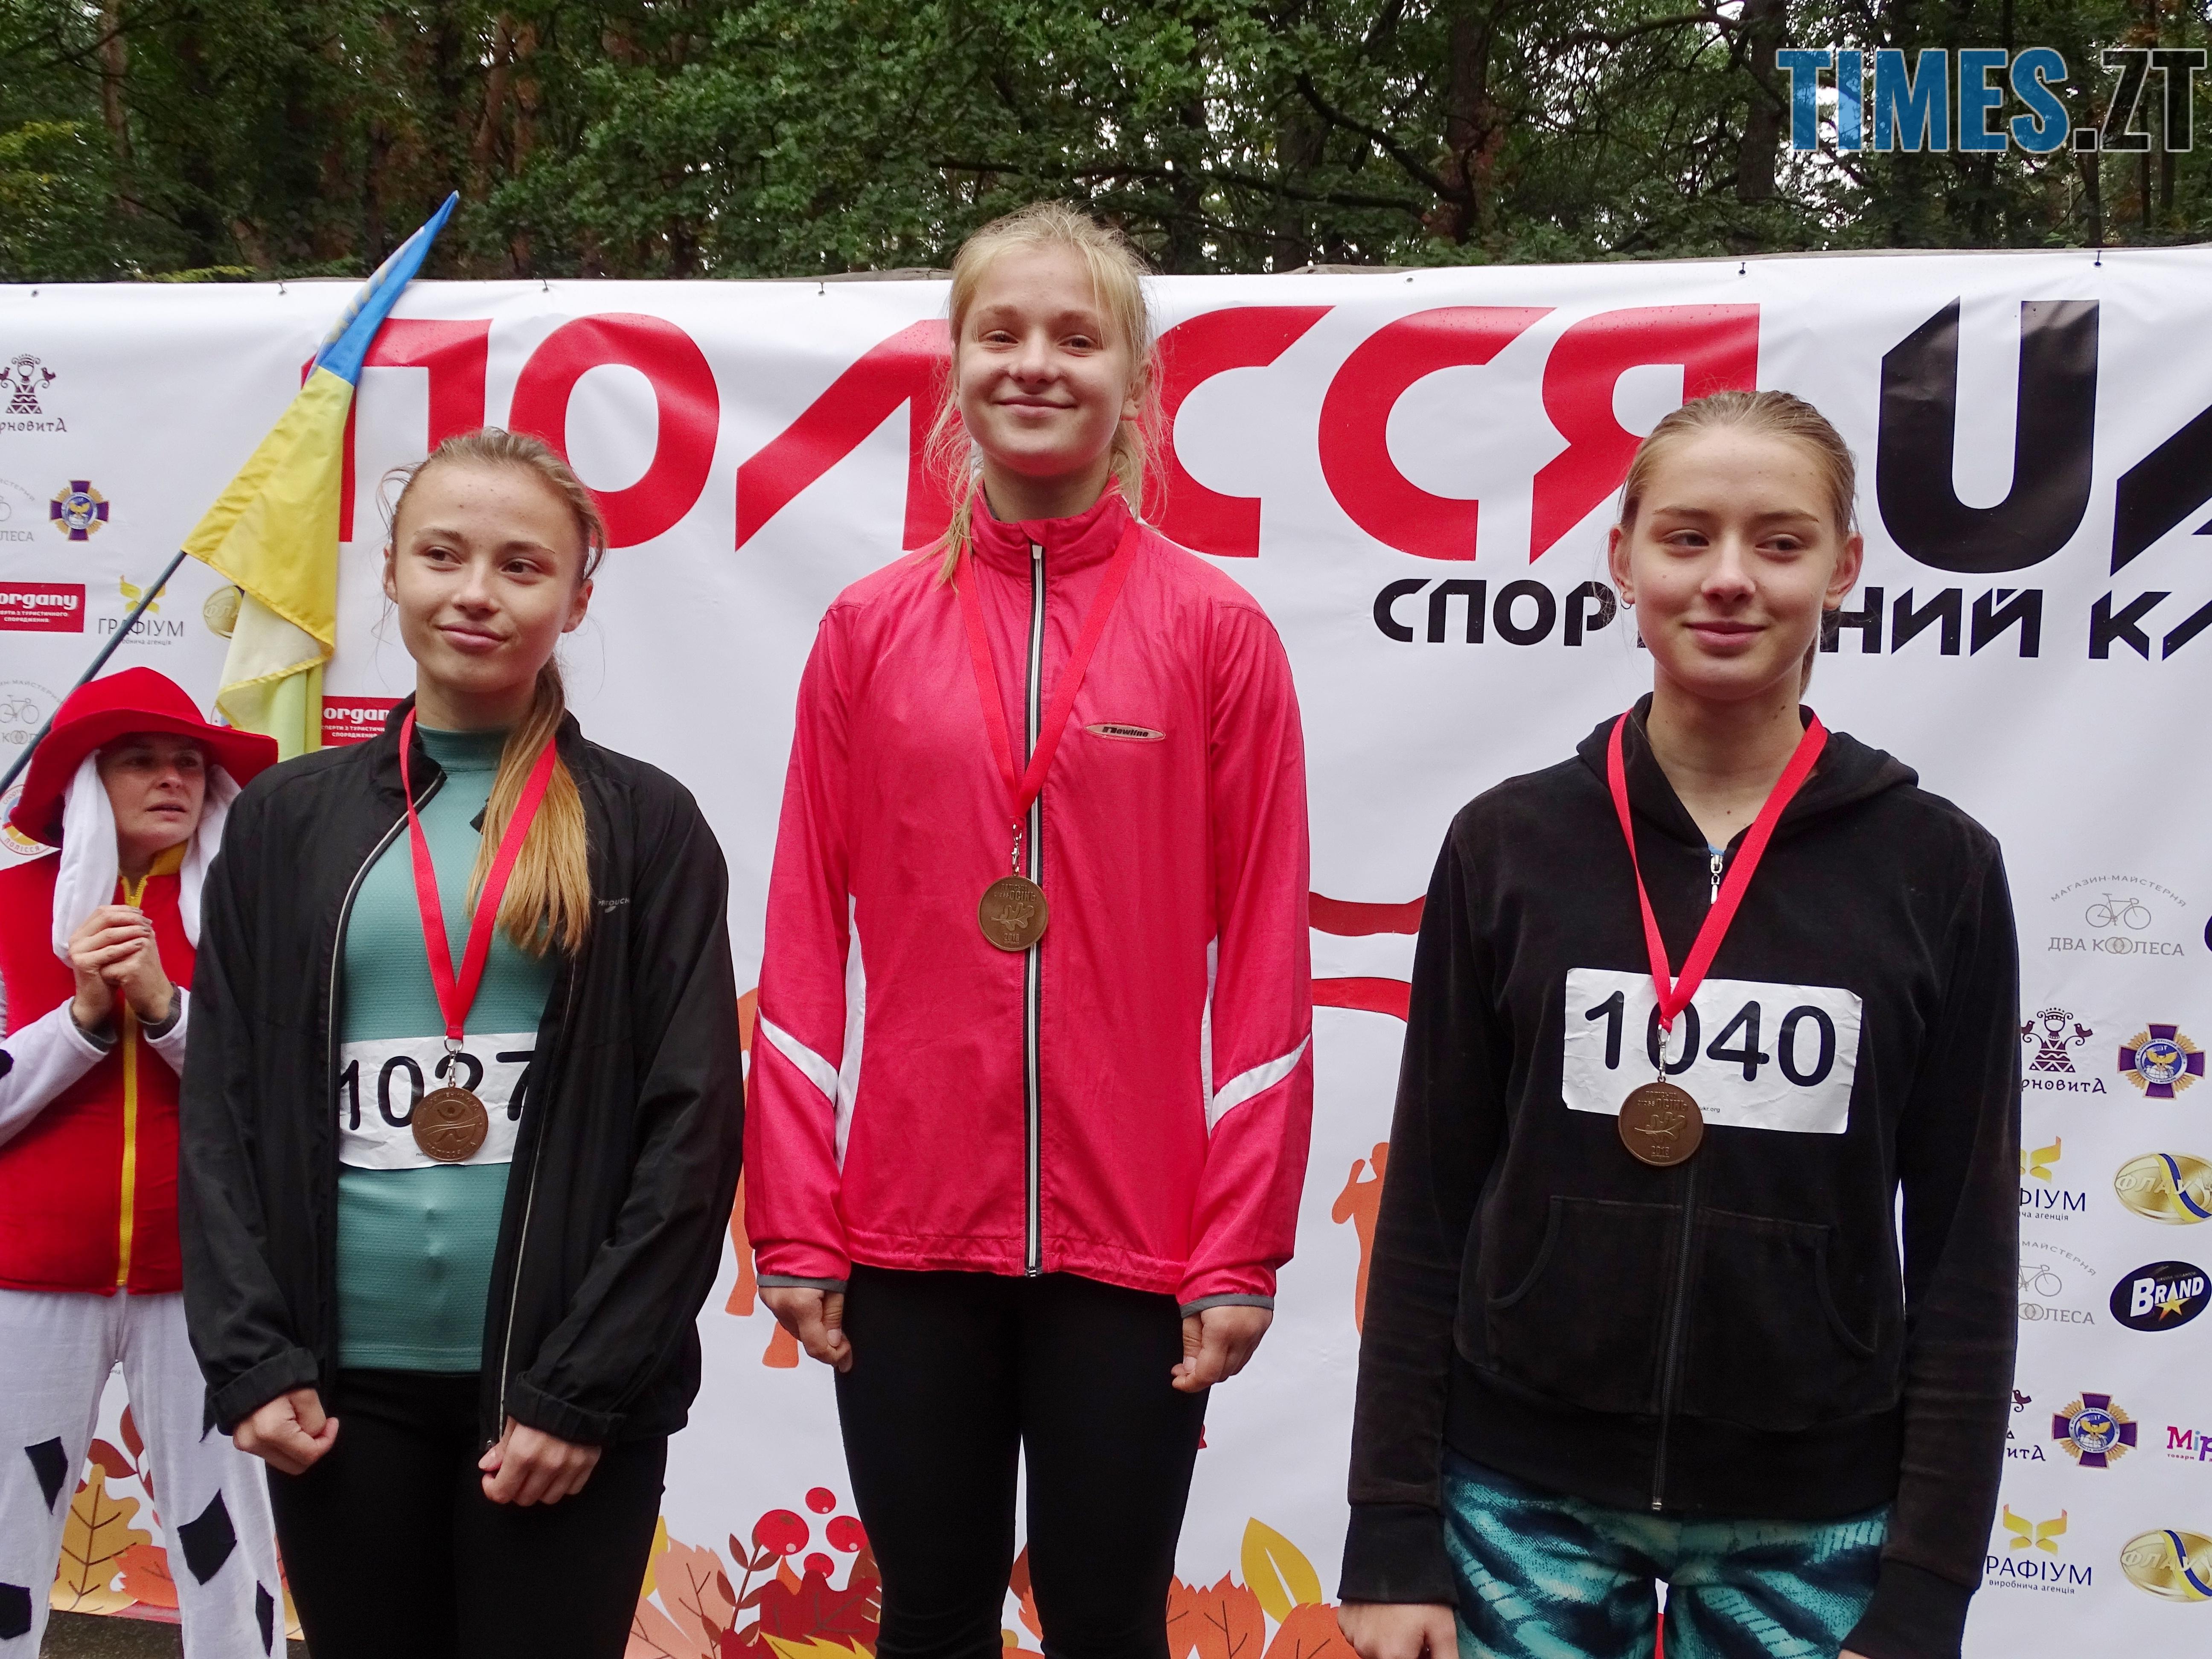 DSC02182 - У Житомирі відбулися змагання з кросу «Поліська осінь – 2018» (ФОТО)